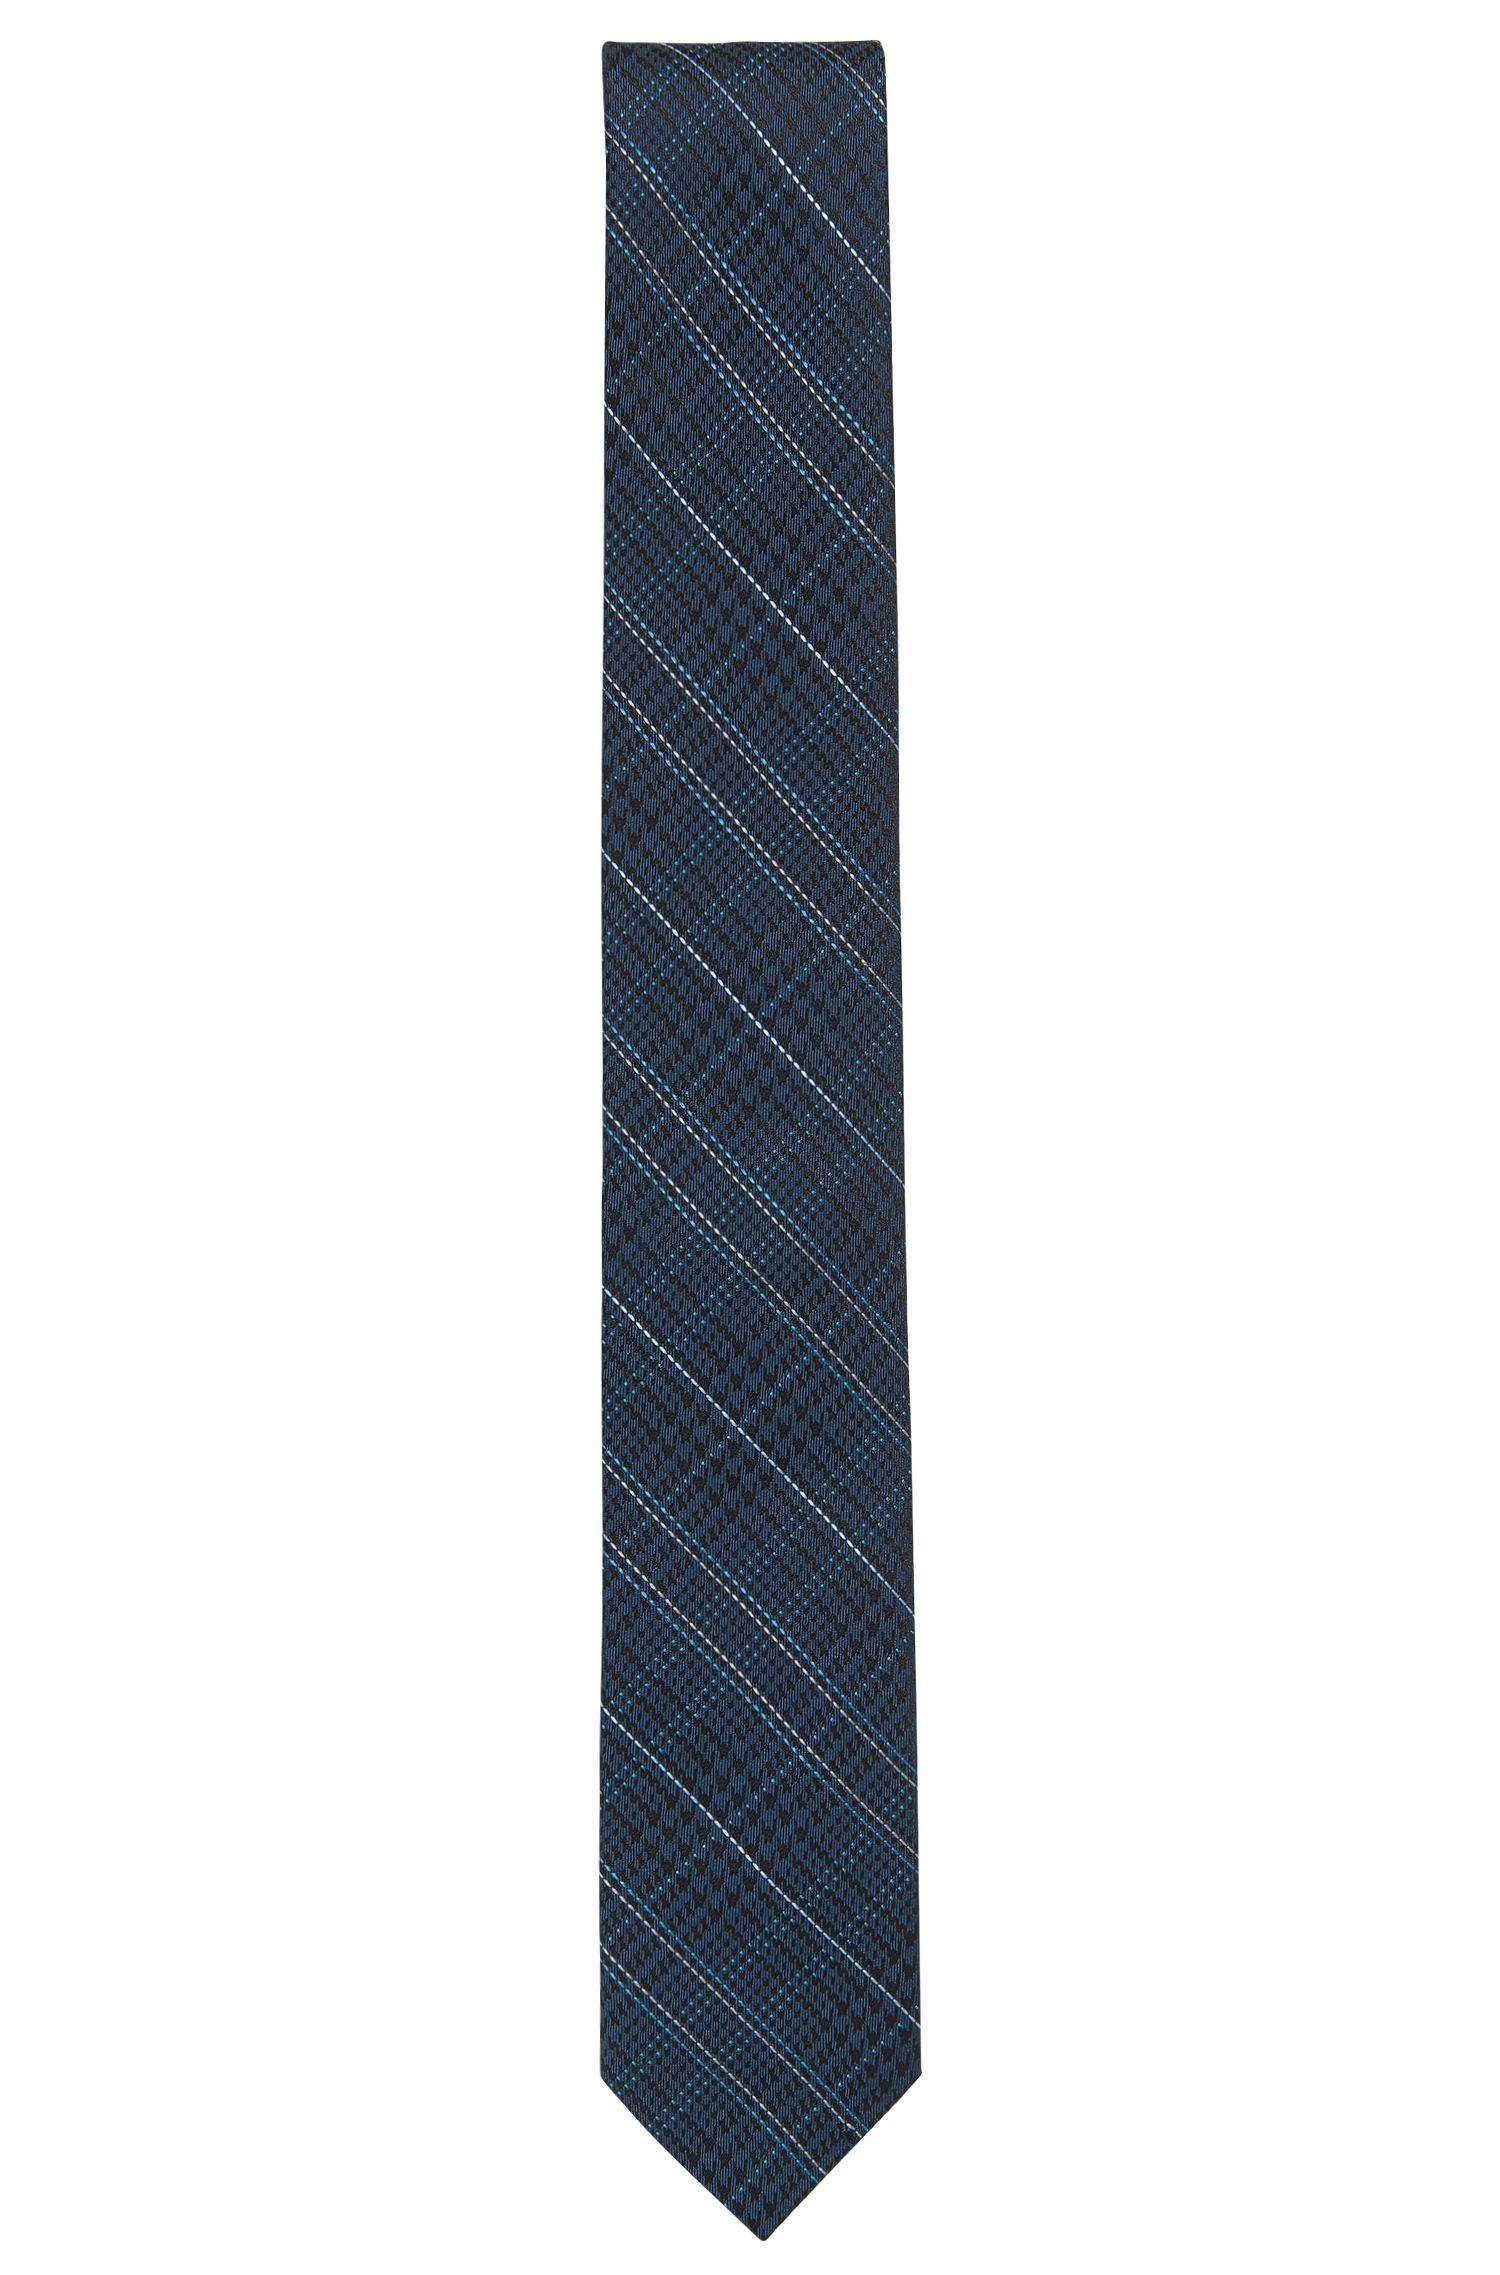 Cravate en jacquard de soie à motif prince-de-galles